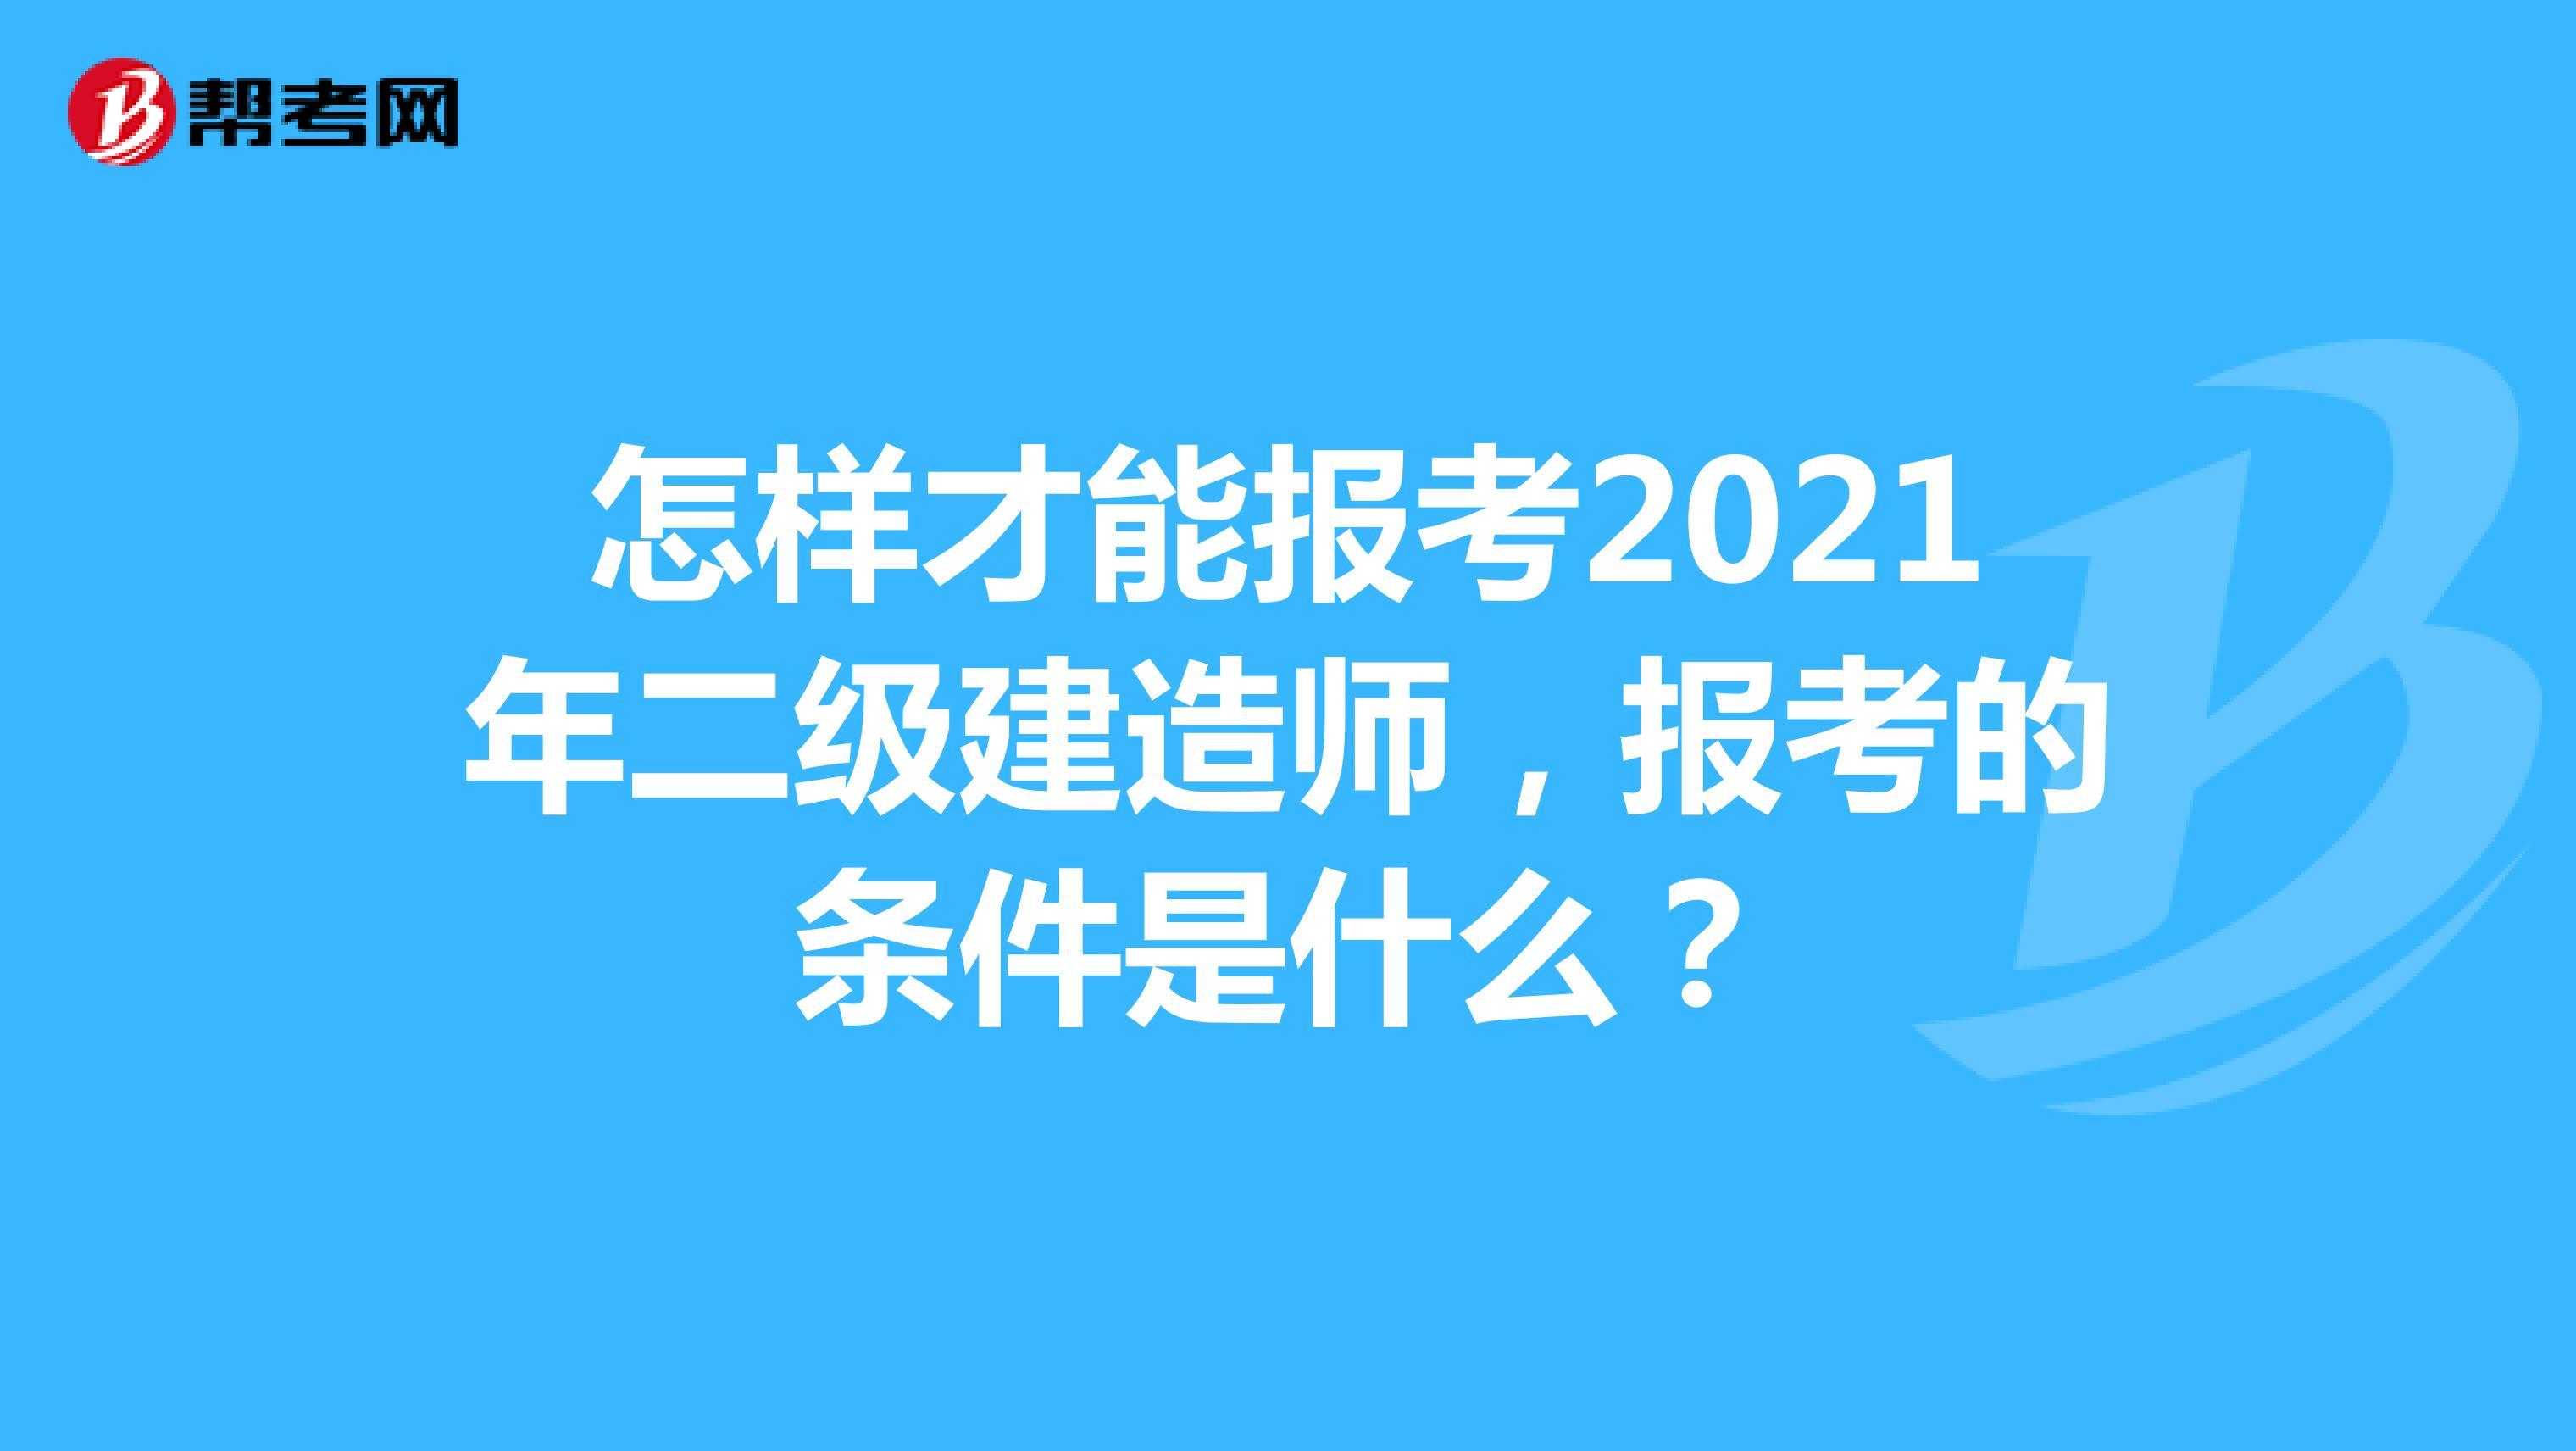 怎样才能报考2021年二级建造师,报考的条件是什么?